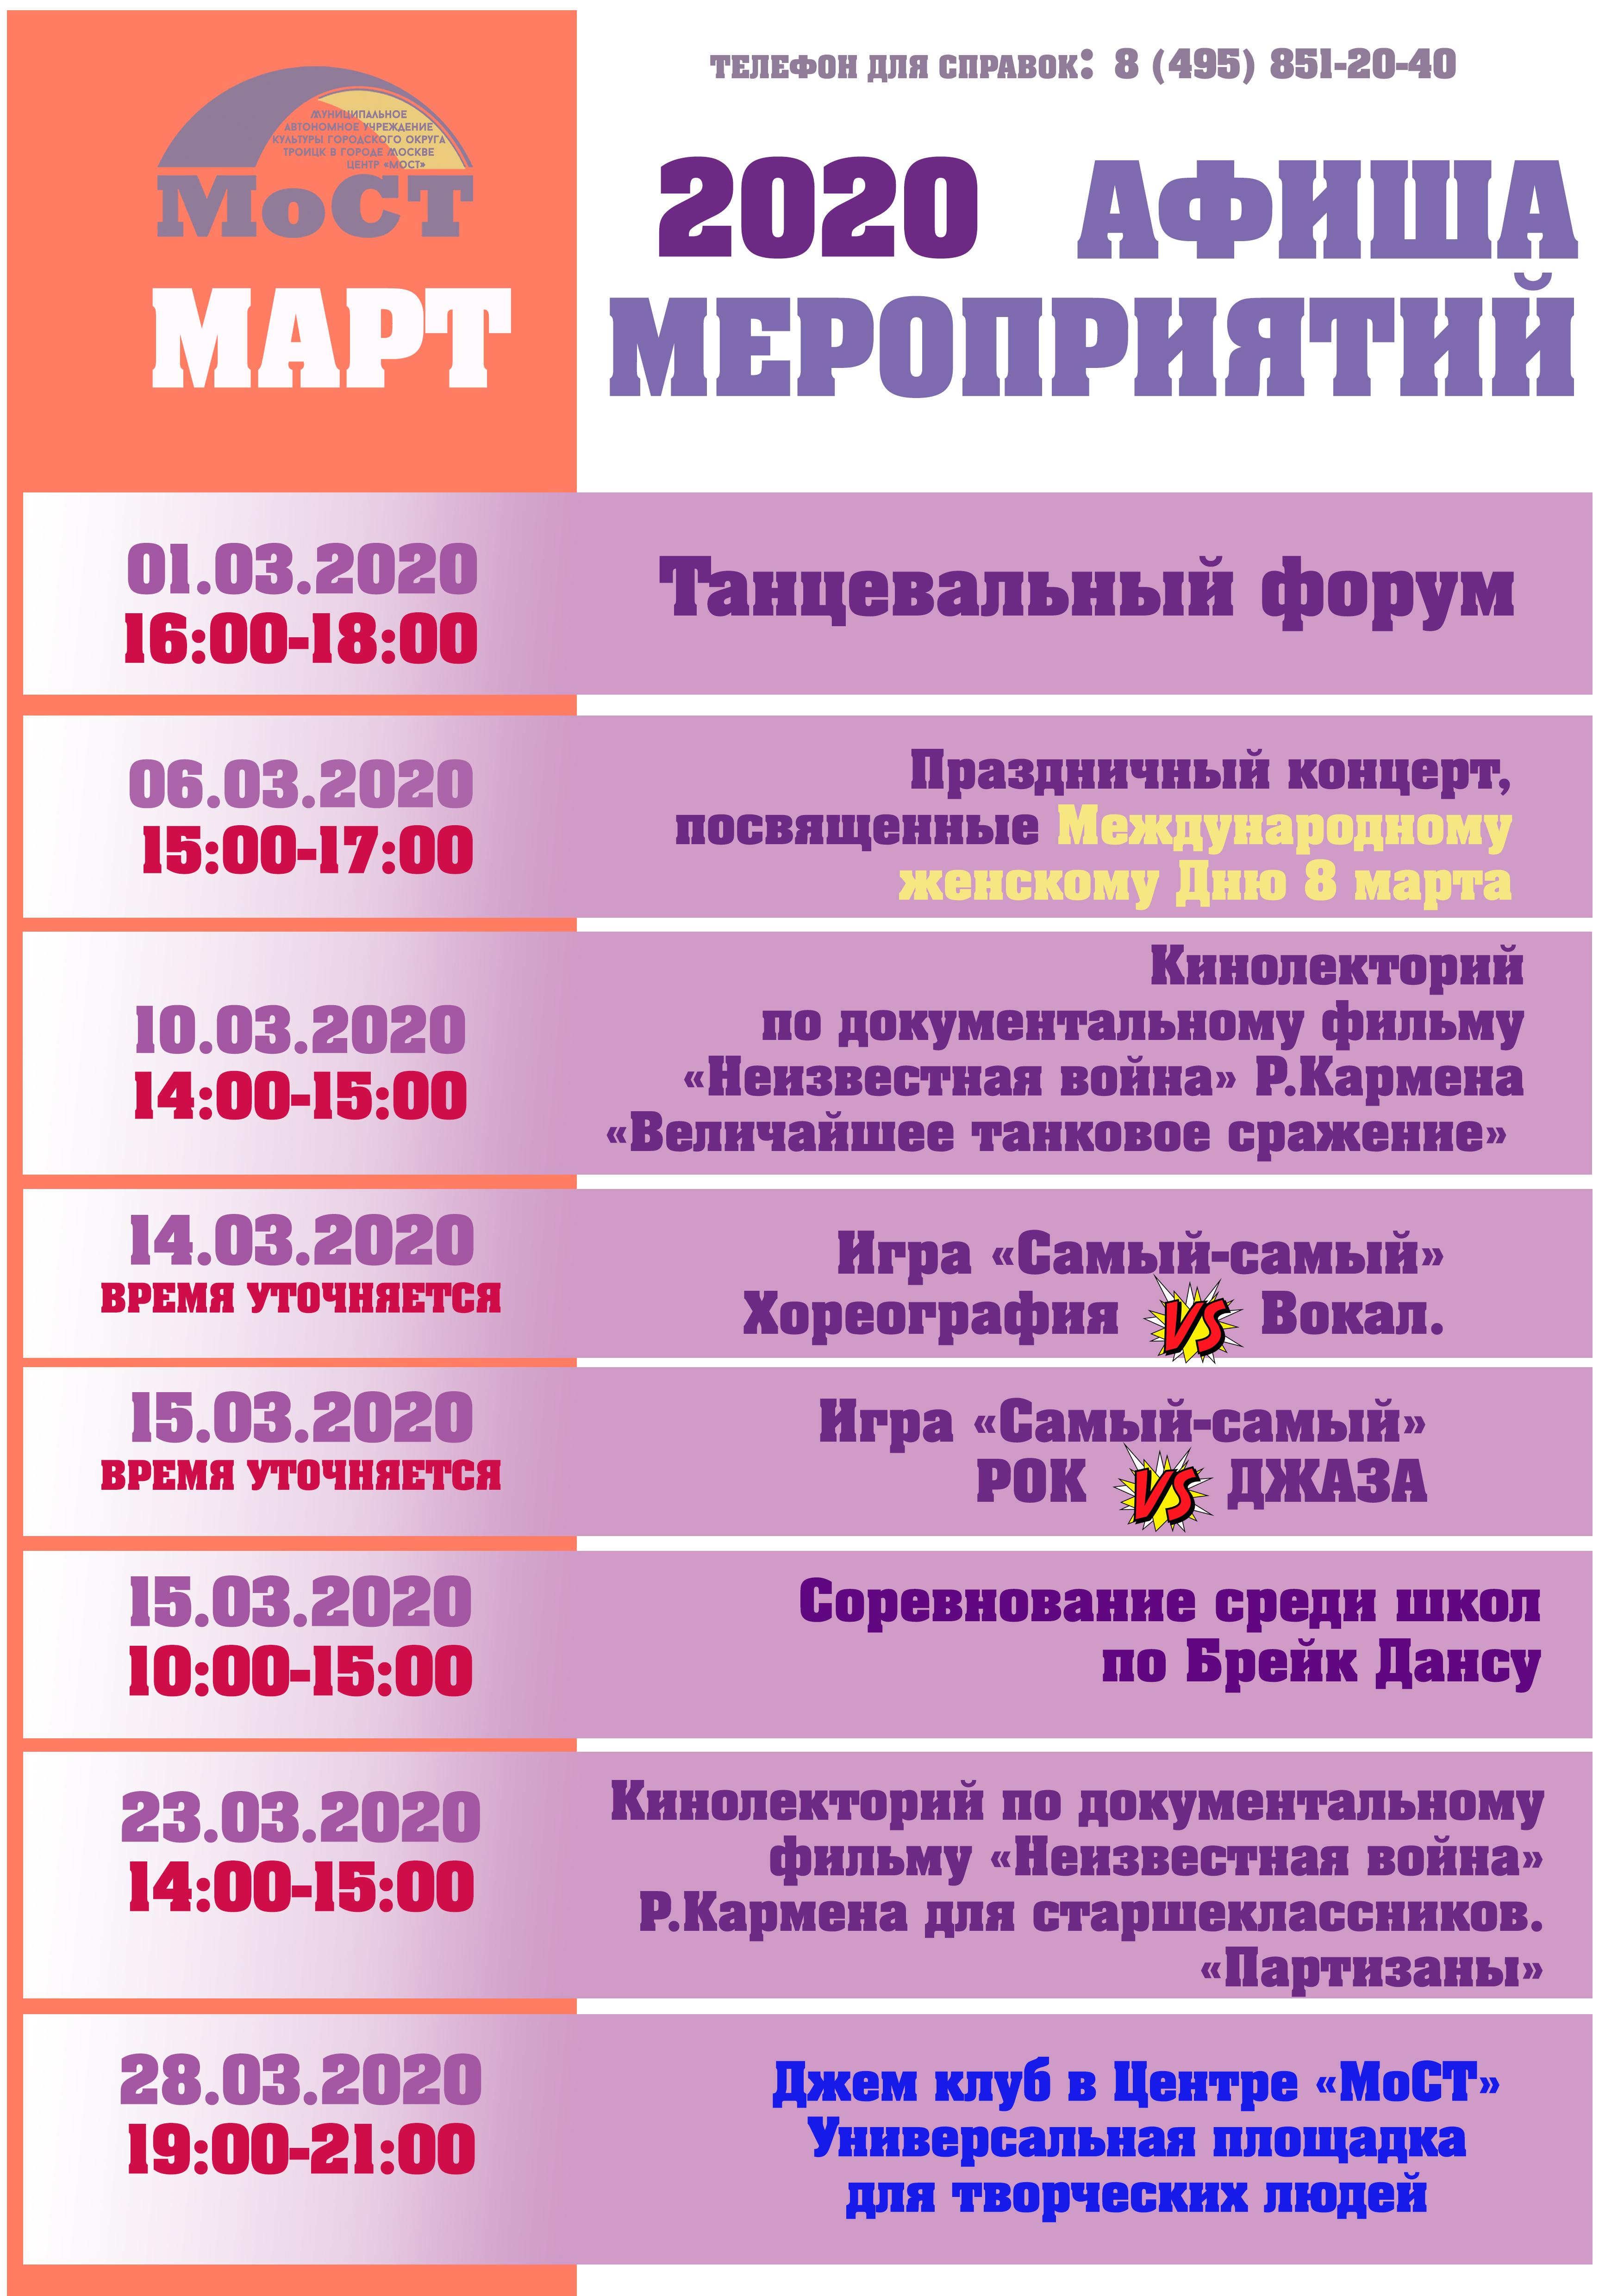 АФИША МОСТ март 2020